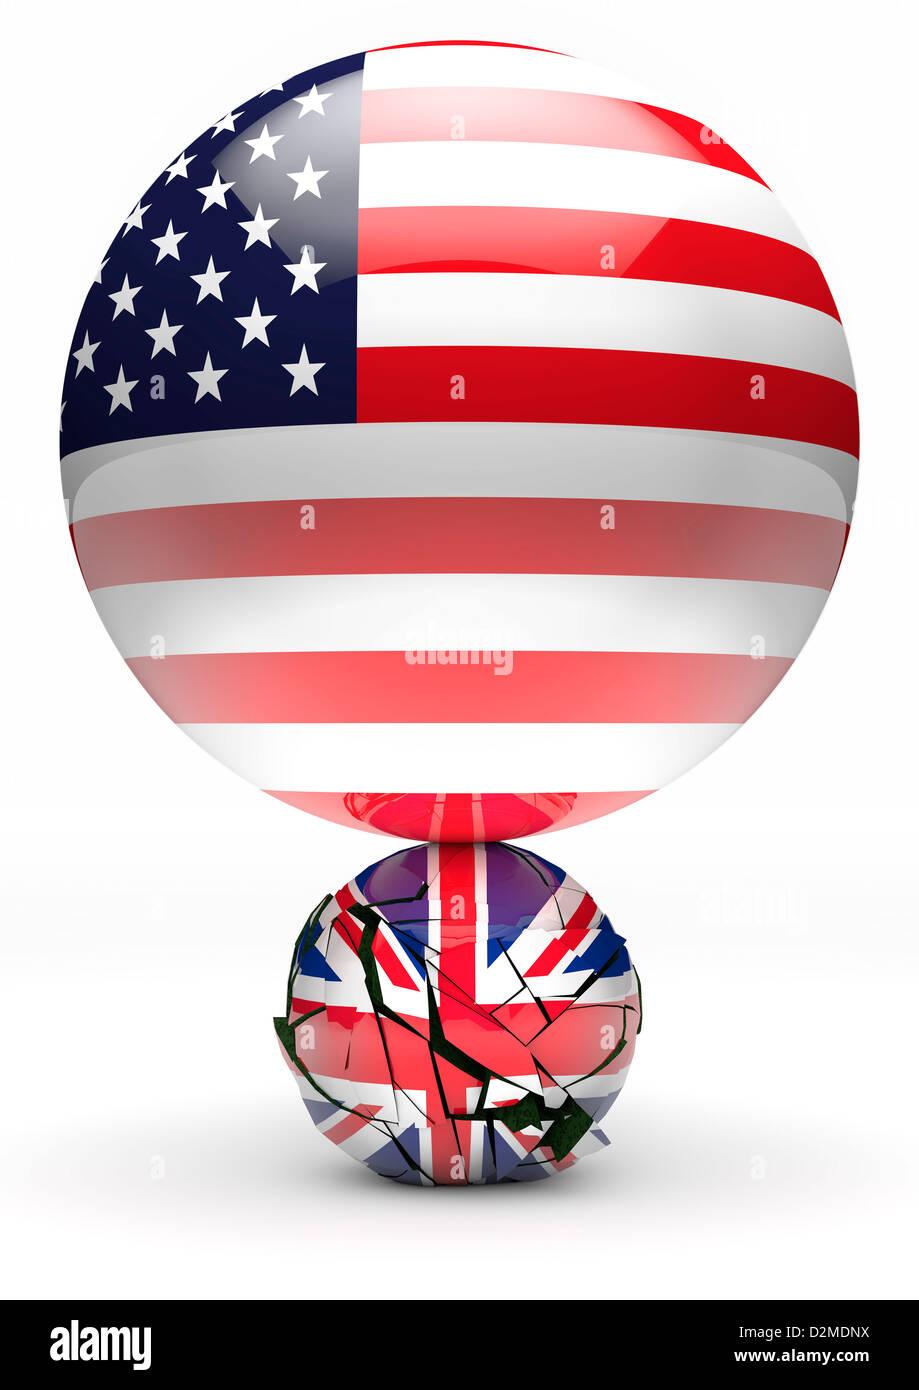 Große amerikanische Flagge Kugel vernichtende kleinere britische Union Flag Kugel - Power Balance / Beziehung Stockbild